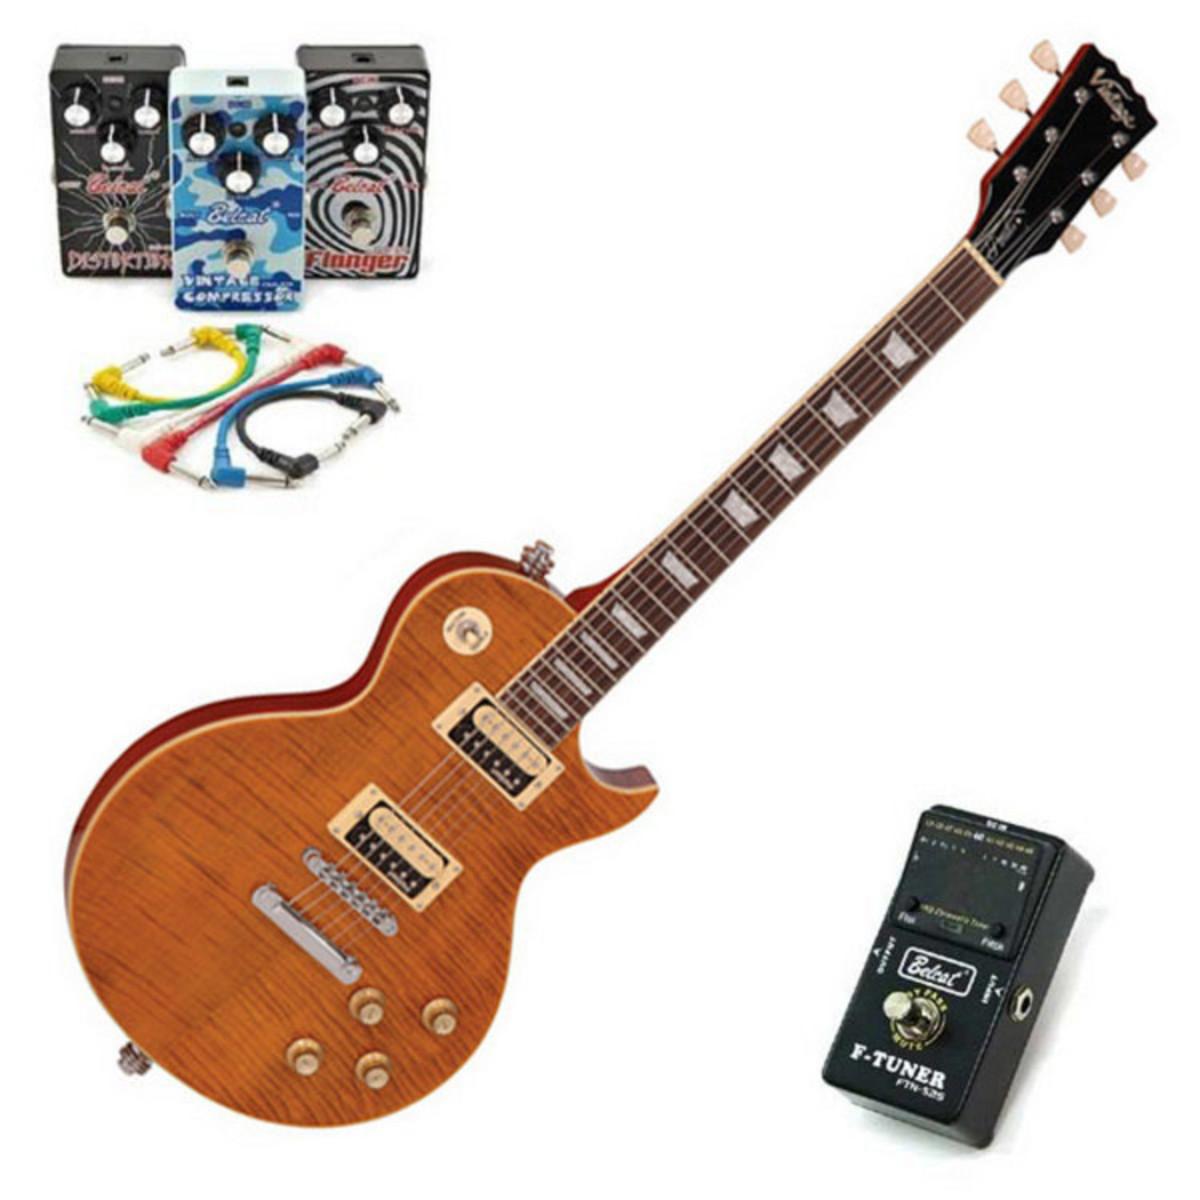 offline vintage v100afd slash guitar with belcat 4 pedal rock pack at gear4music. Black Bedroom Furniture Sets. Home Design Ideas